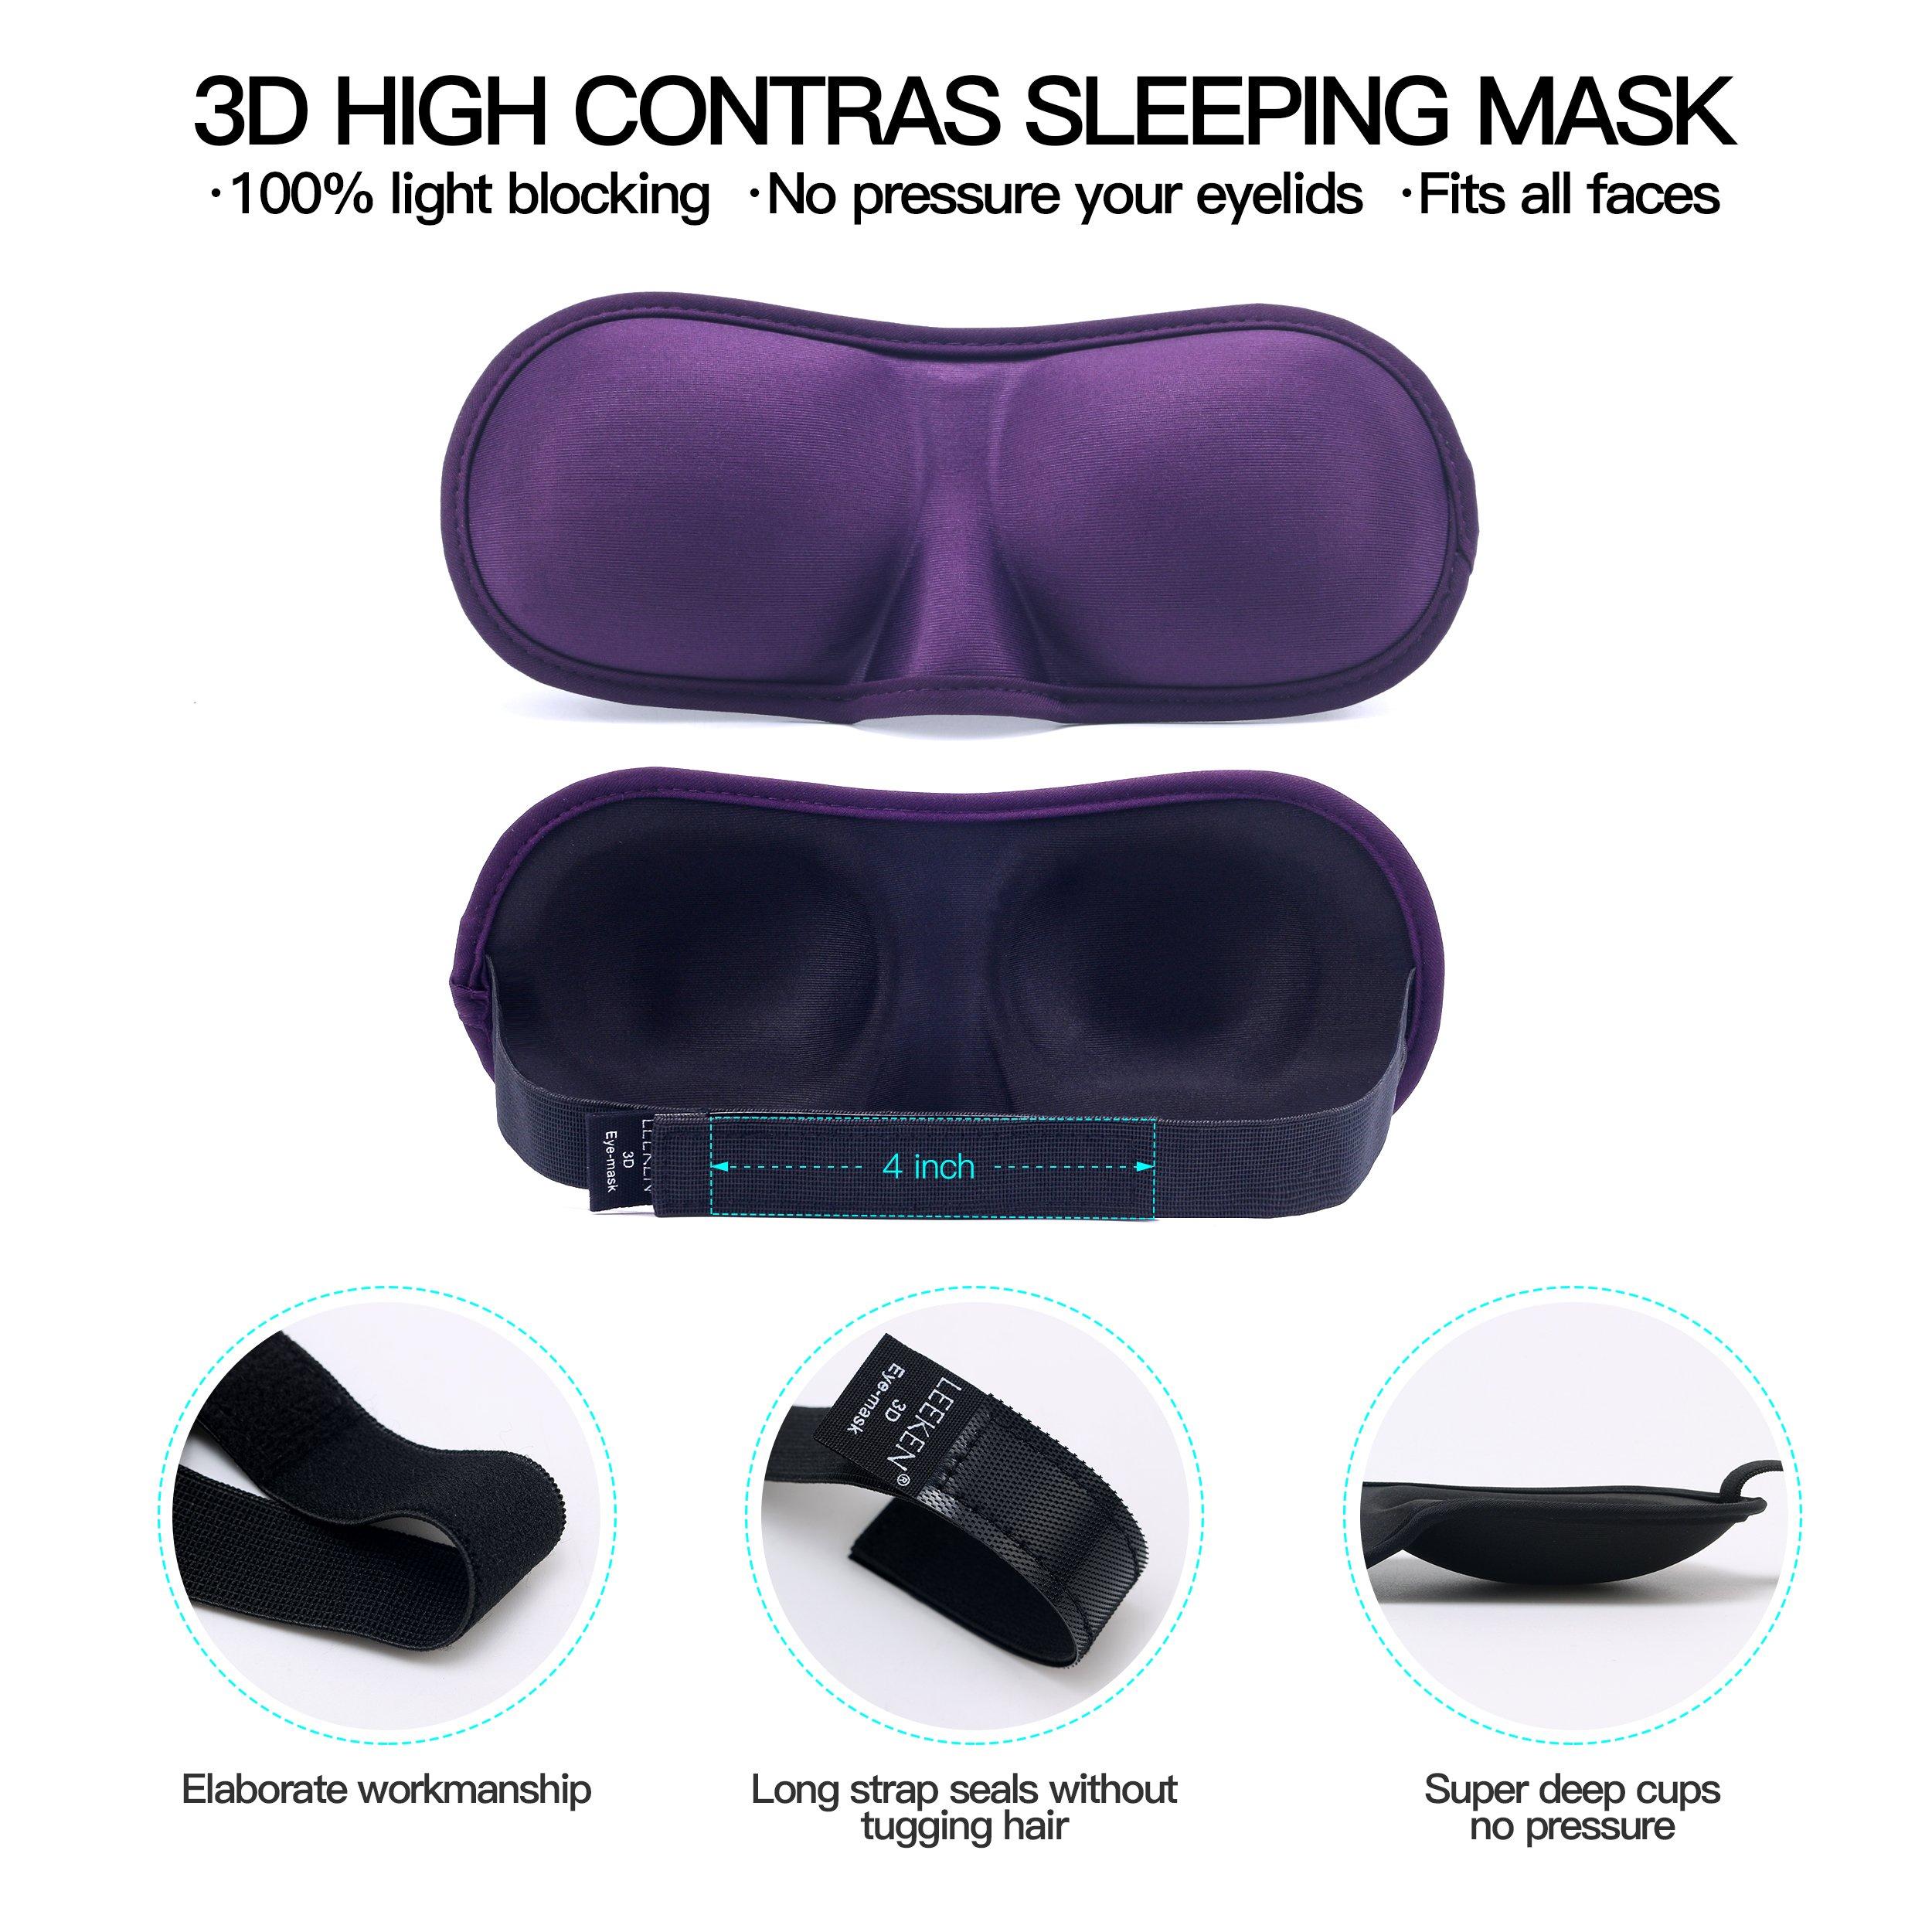 .3D Sleep Mask (Any machineable New Design 2 Pack) Eye Mask for Sleeping Locking Light 100%-Never Broken - Blindfold Airplane mask- Night Blinder Eyeshade for Men Women by leeken (Image #5)